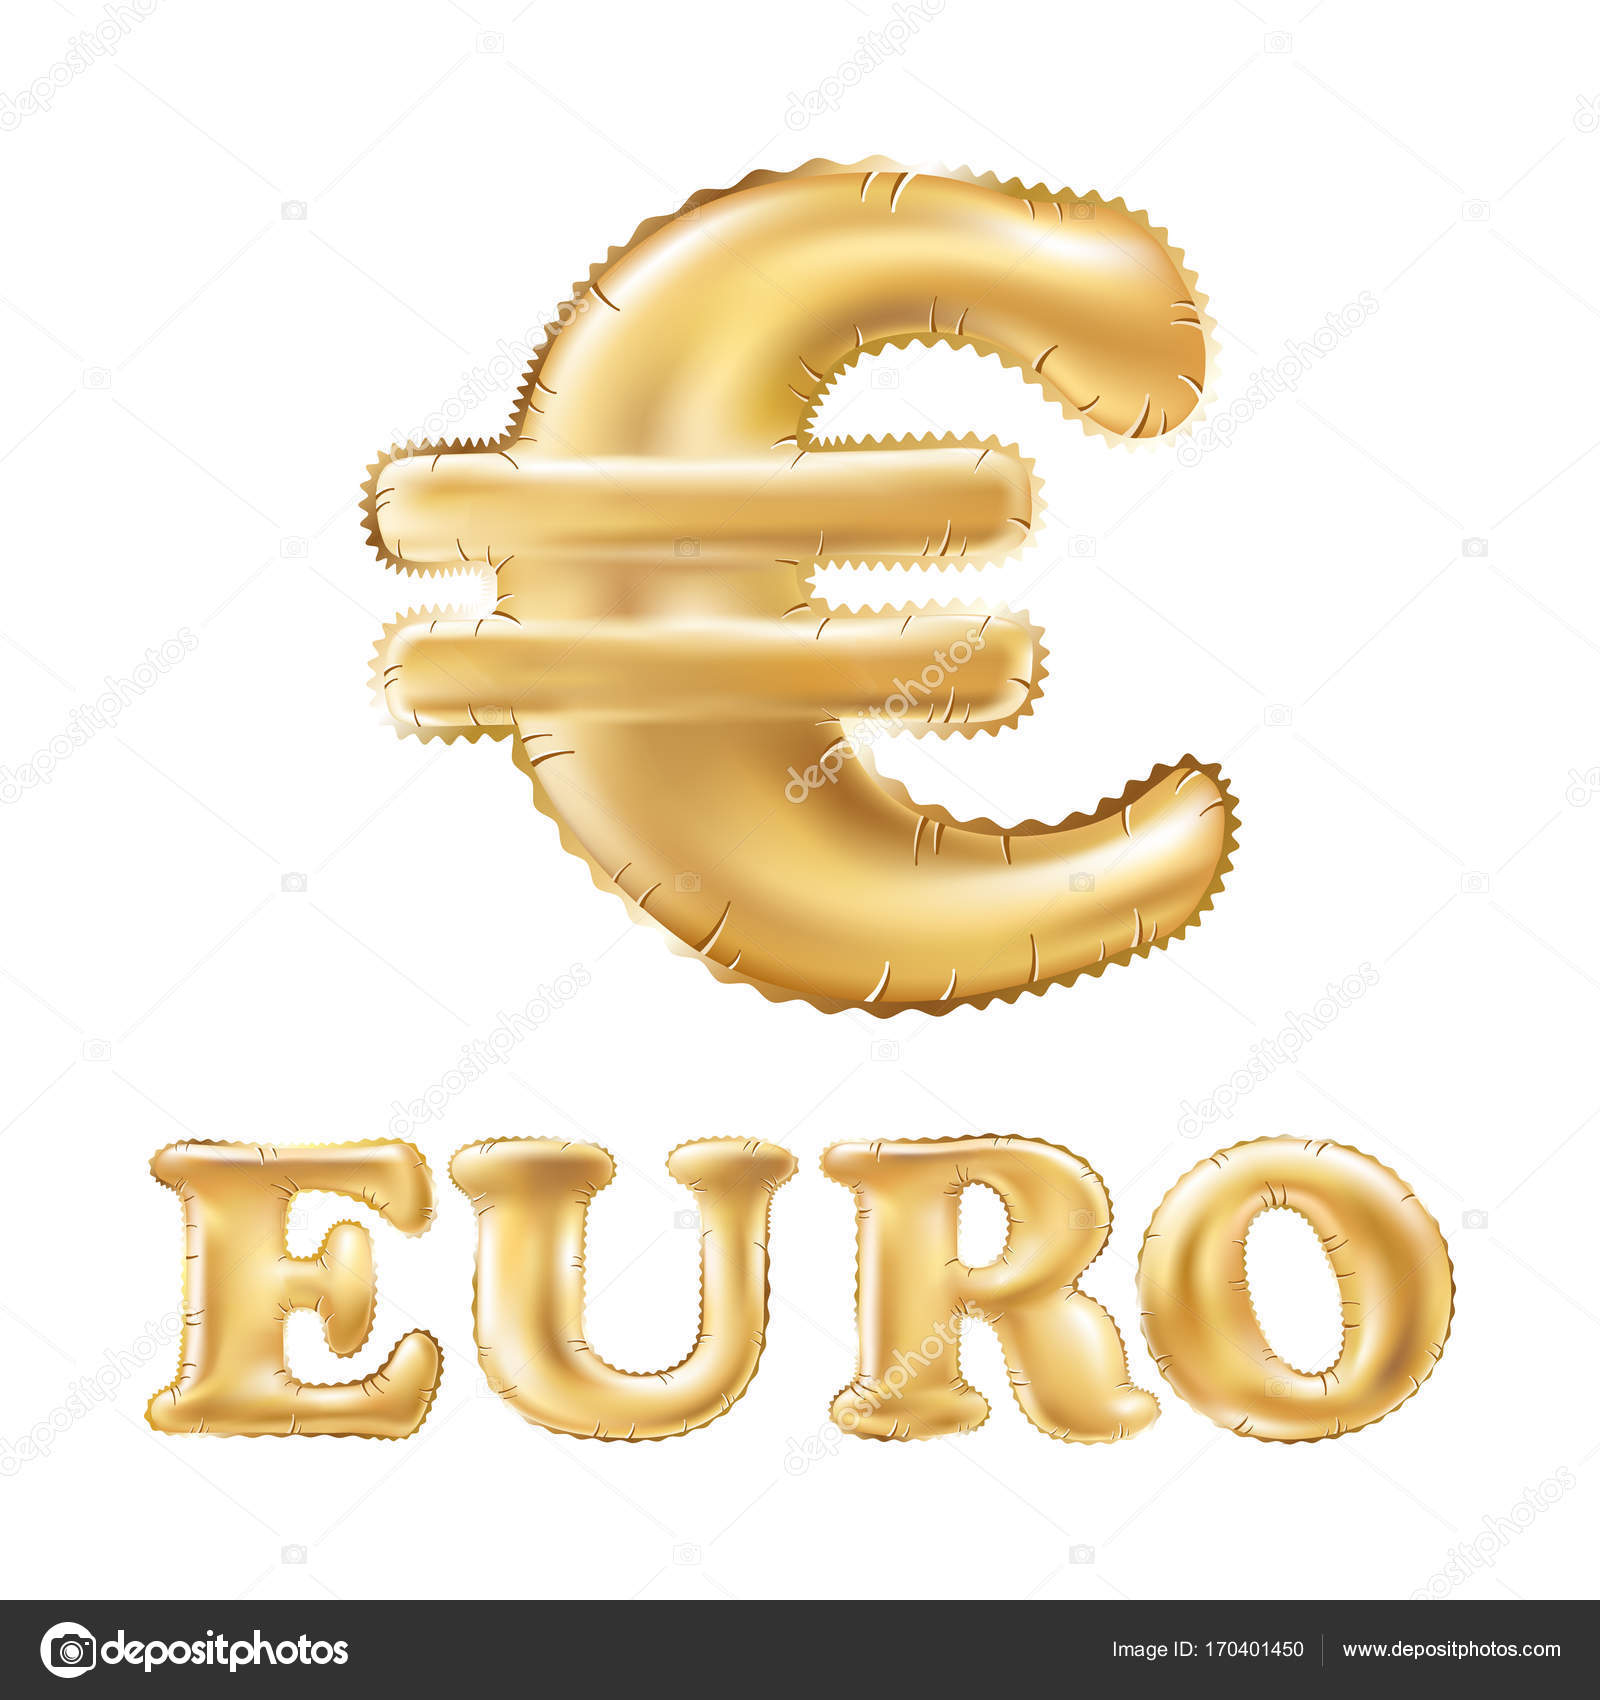 Vector gold euro symbol alphabet balloons money and currency vector gold euro symbol alphabet balloons money and currency golden number and letter balloon buycottarizona Choice Image